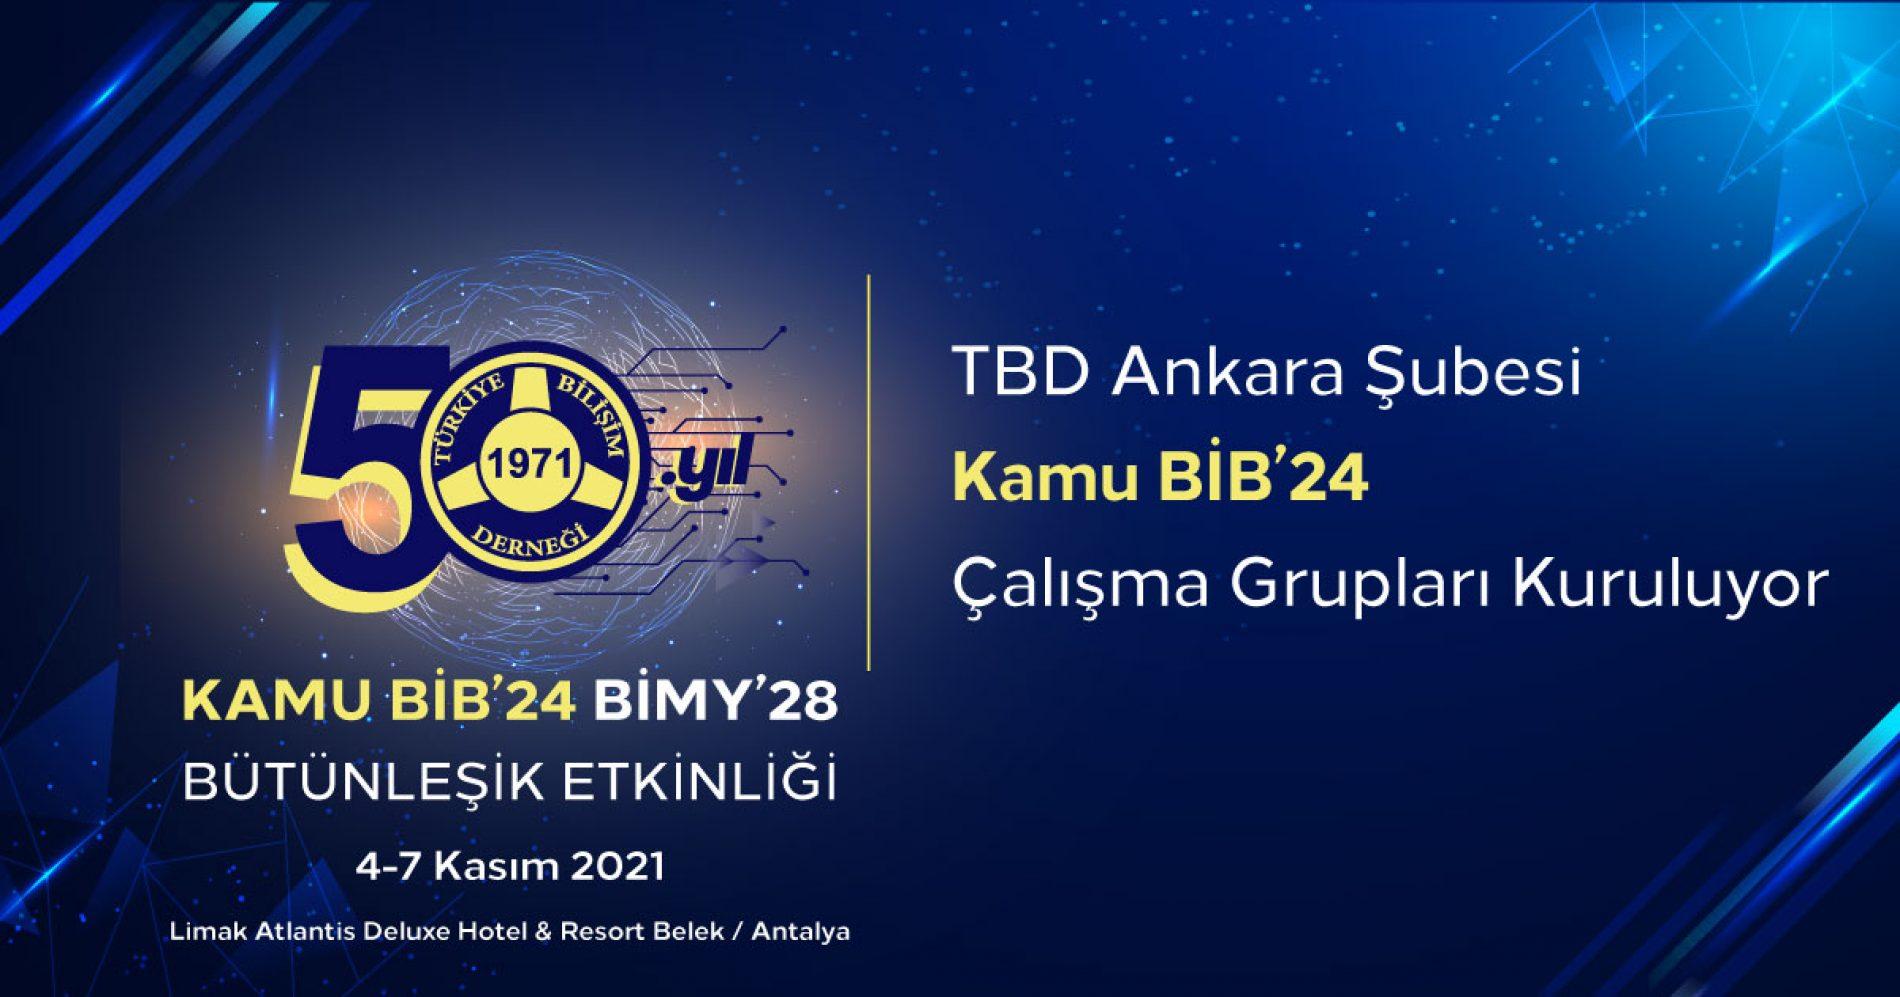 Kamu-BİB'24 Çalışma Grupları Kuruluyor